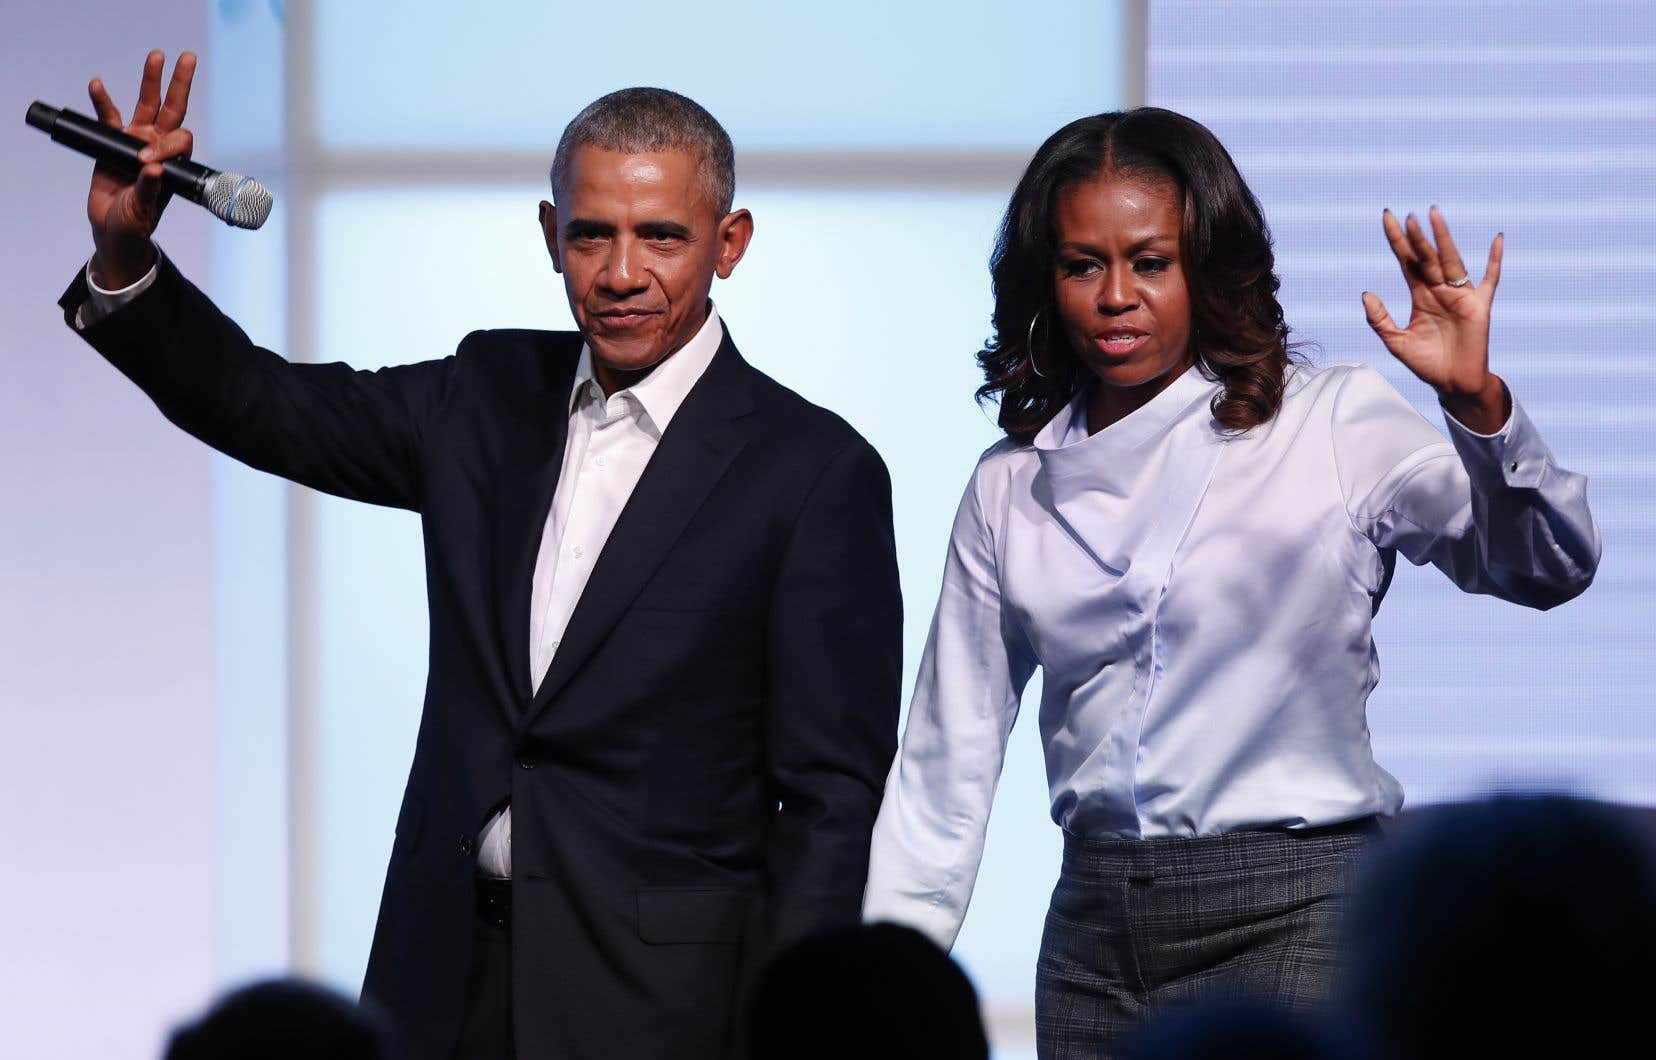 Barack Obama et son épouse, Michelle, vont produire des émissions de débats, notamment, pour le service de diffusion vidéo en continu Netflix.